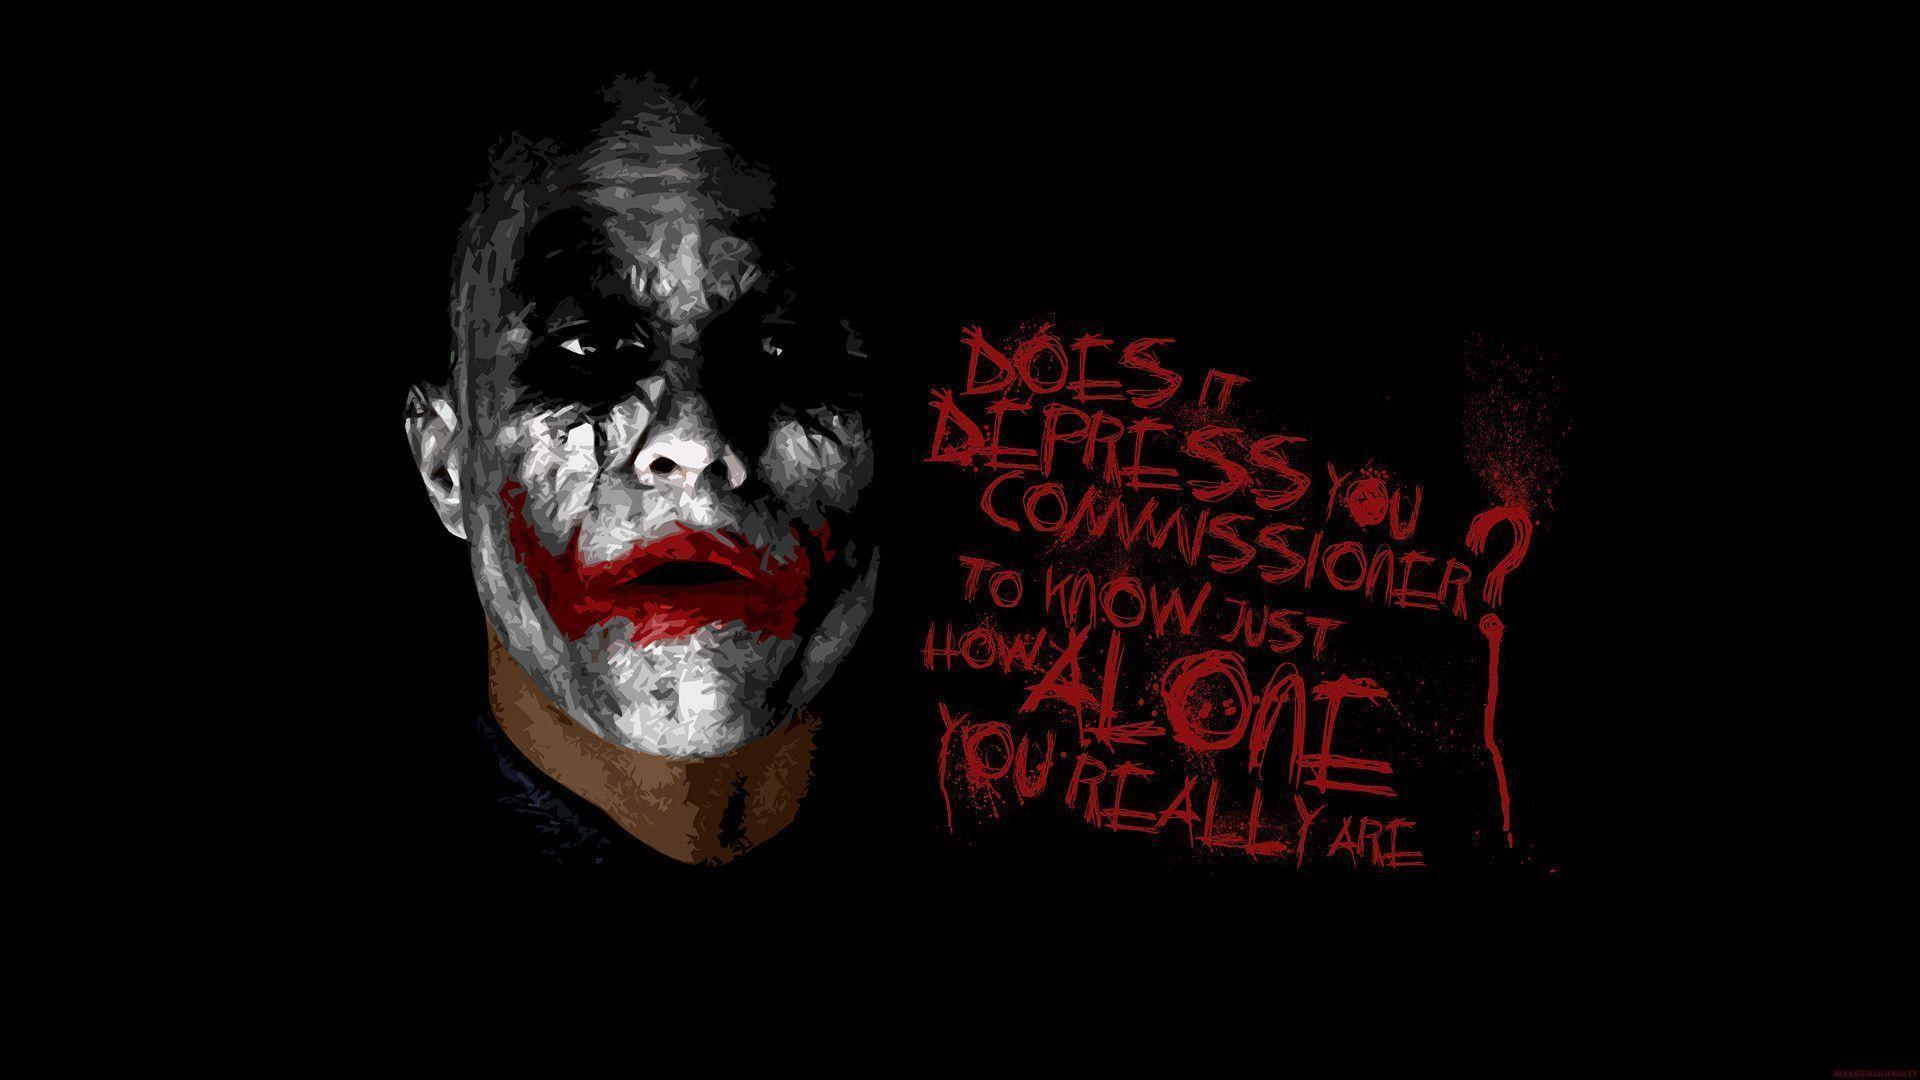 Wallpaper For Pc Of Joker